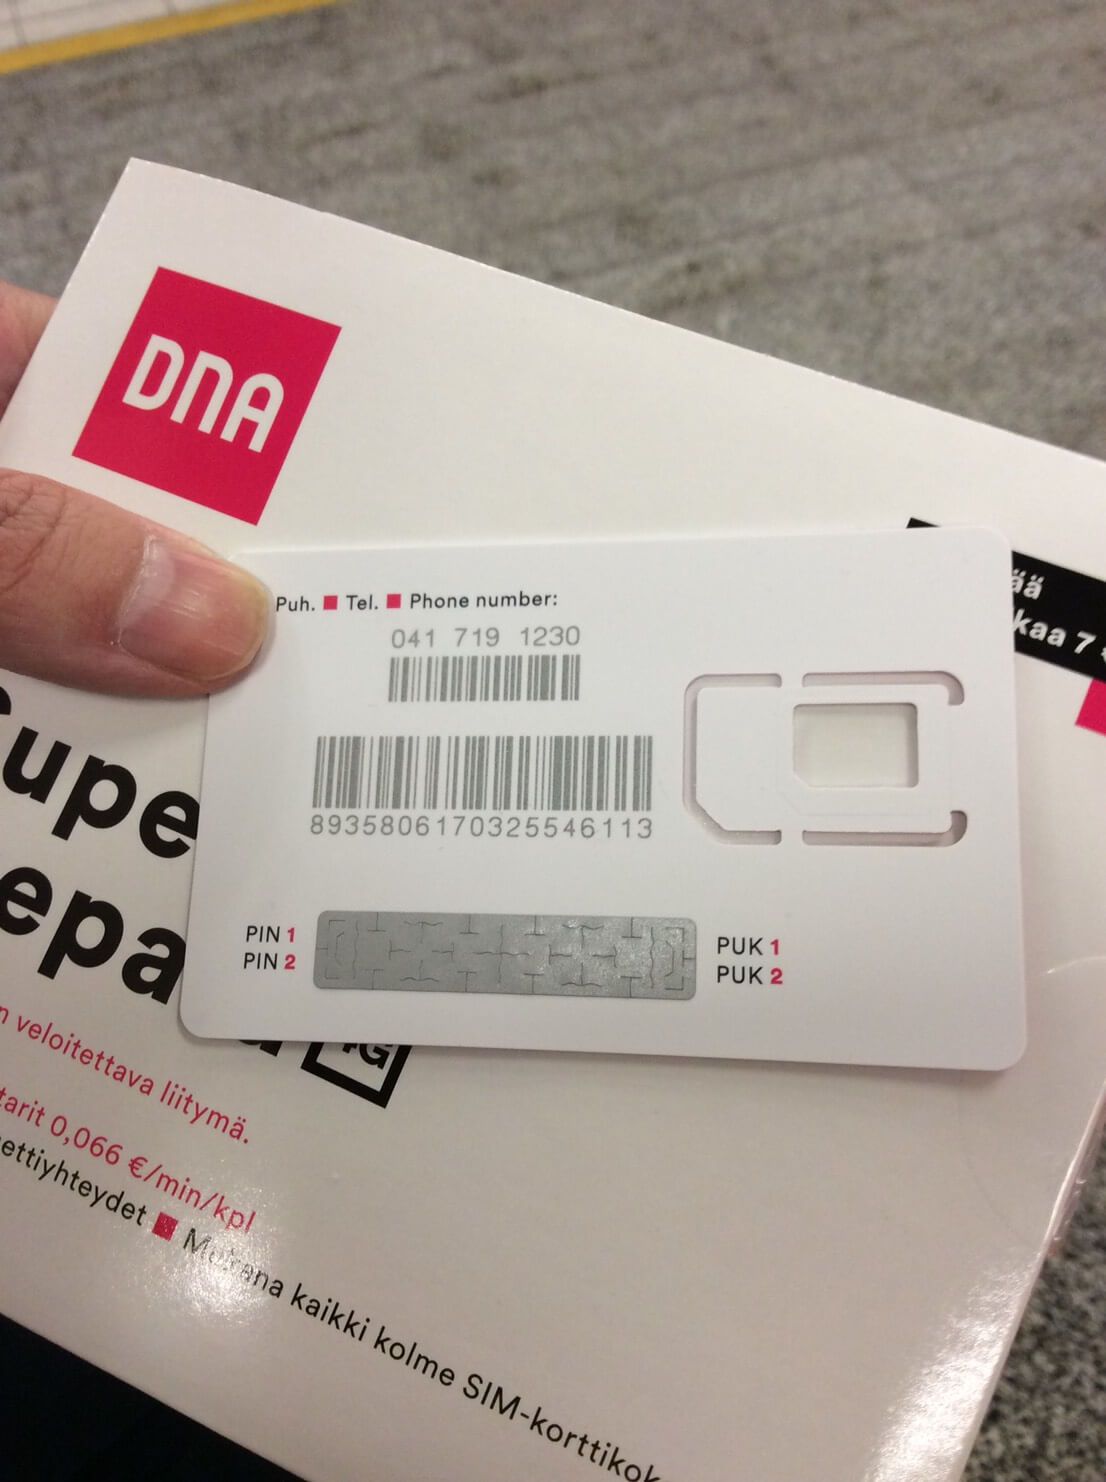 プリペイドSIMのパッケージカードの裏側には、ピンコードの暗証番号が掲載されている